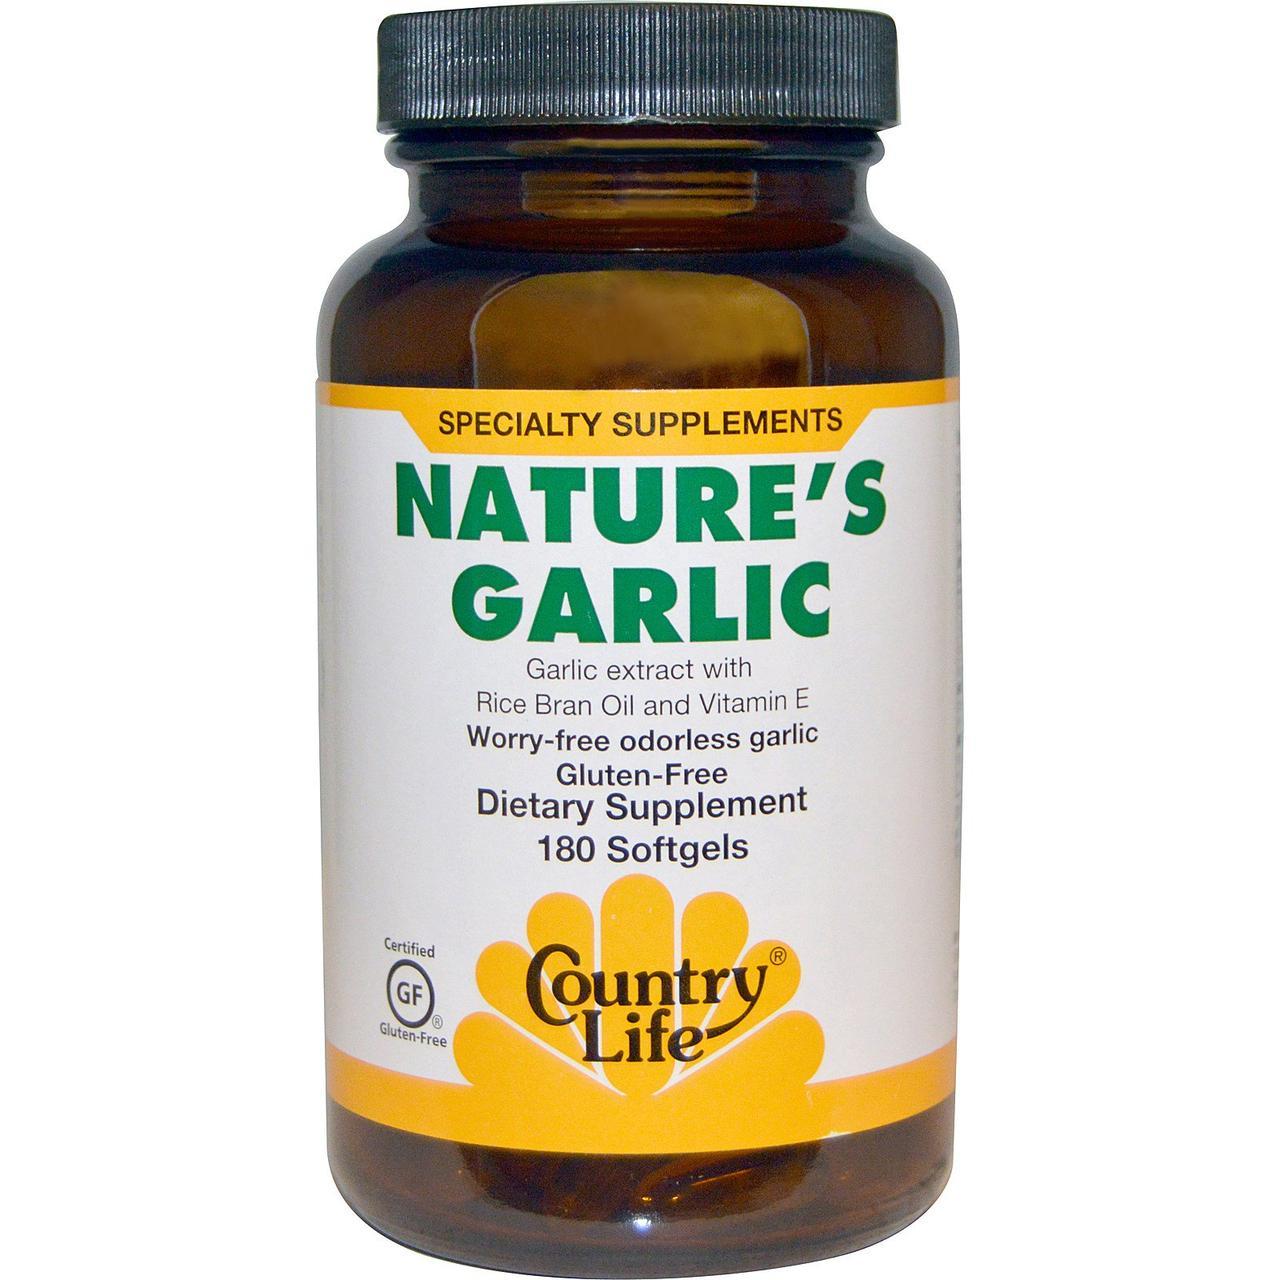 """Натуральный чеснок Country Life """"Nature's Garlic"""" с витамином Е и маслом рисовых отрубей (180 капсул)"""